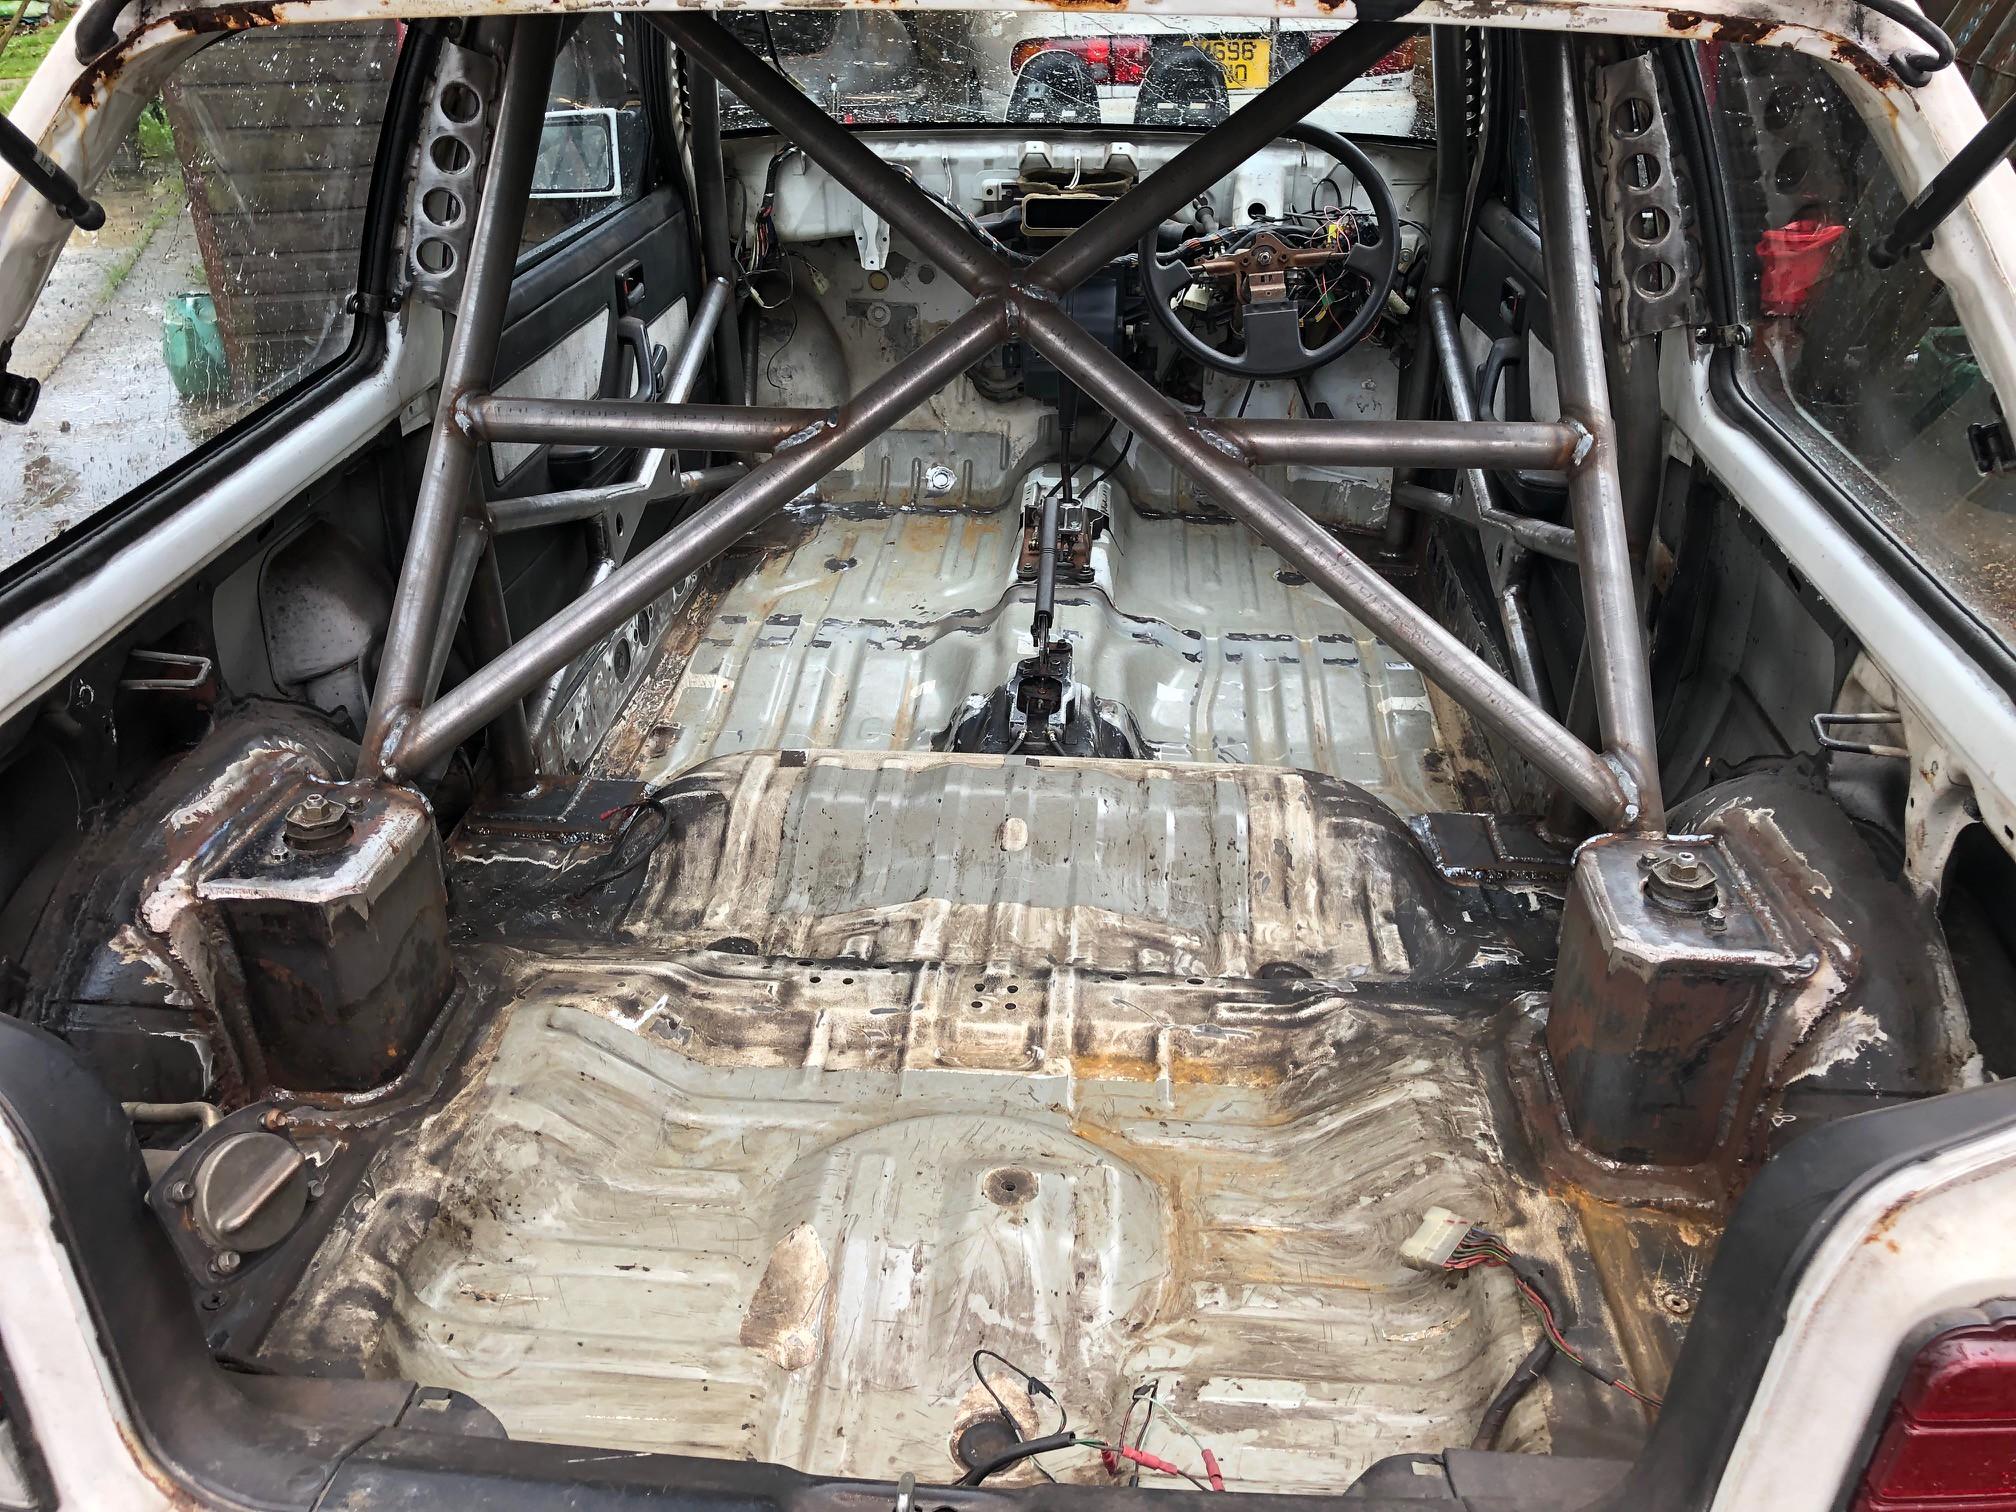 mk1 Gti AWD turbo build 49558908201_f84ad117ad_k